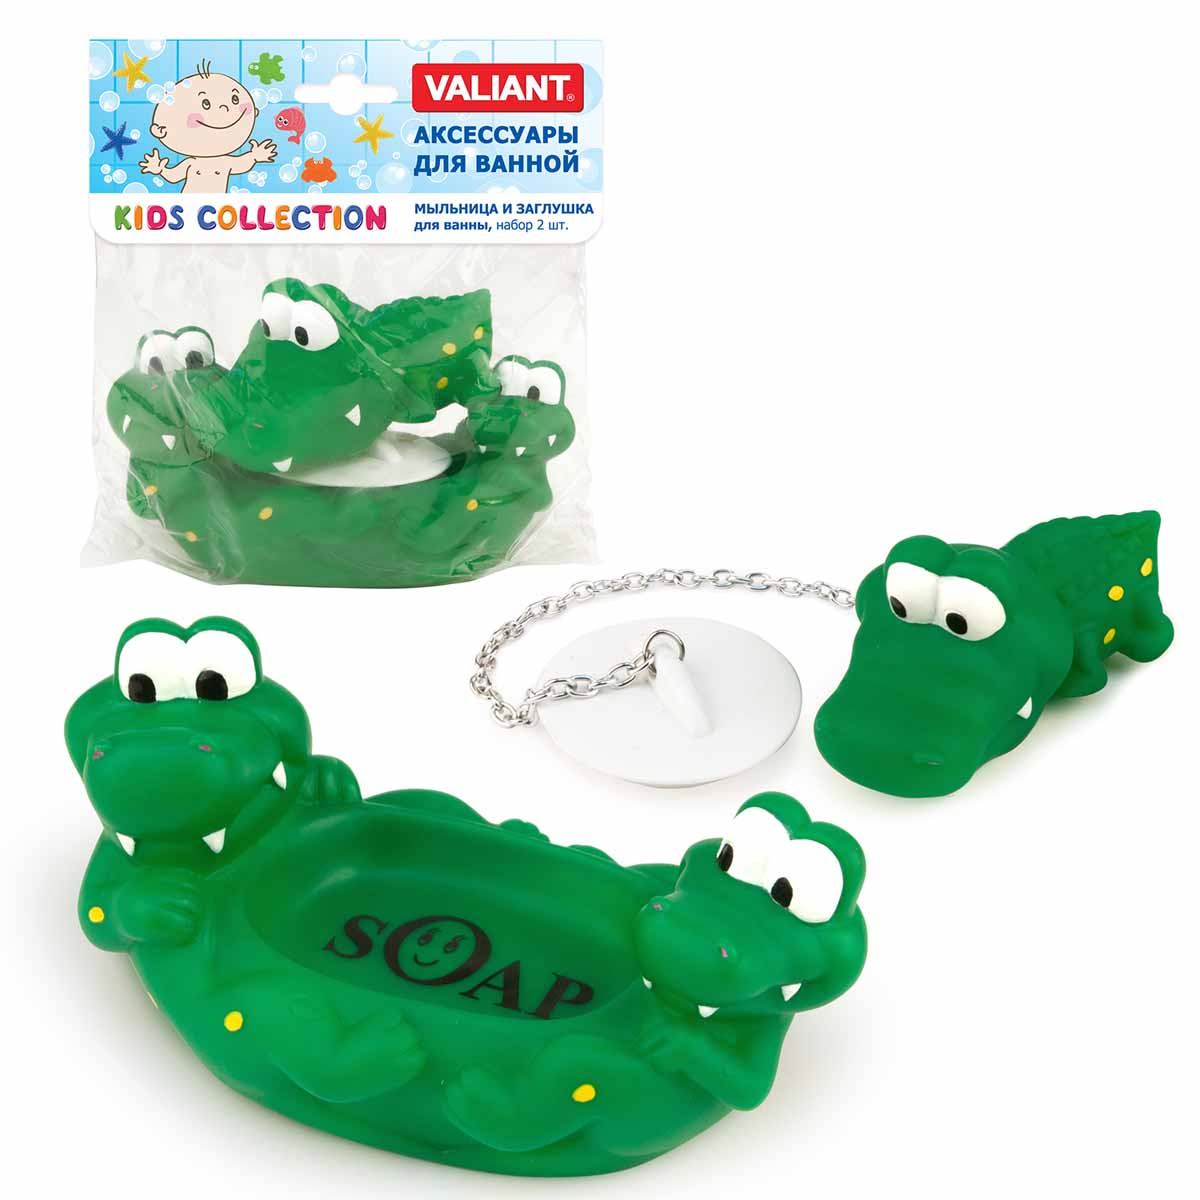 Valiant Мыльница и заглушка для ванны КрокодильчикиKC-A-MIXНовая коллекции аксессуаров для ванной комнаты. Все аксессуары хорошо сочетаются между собой, что позволит создать свою индивидуальную коллекцию. С яркими забавными аксессуарами водные процедуры станут настоящим праздником для ребенка. Также позволят приучить ребенка к порядку, развить детскую моторику рук и знания в сфере животных. Все аксессуары изготовлены из абсолютно безопасных полимерных материалов.